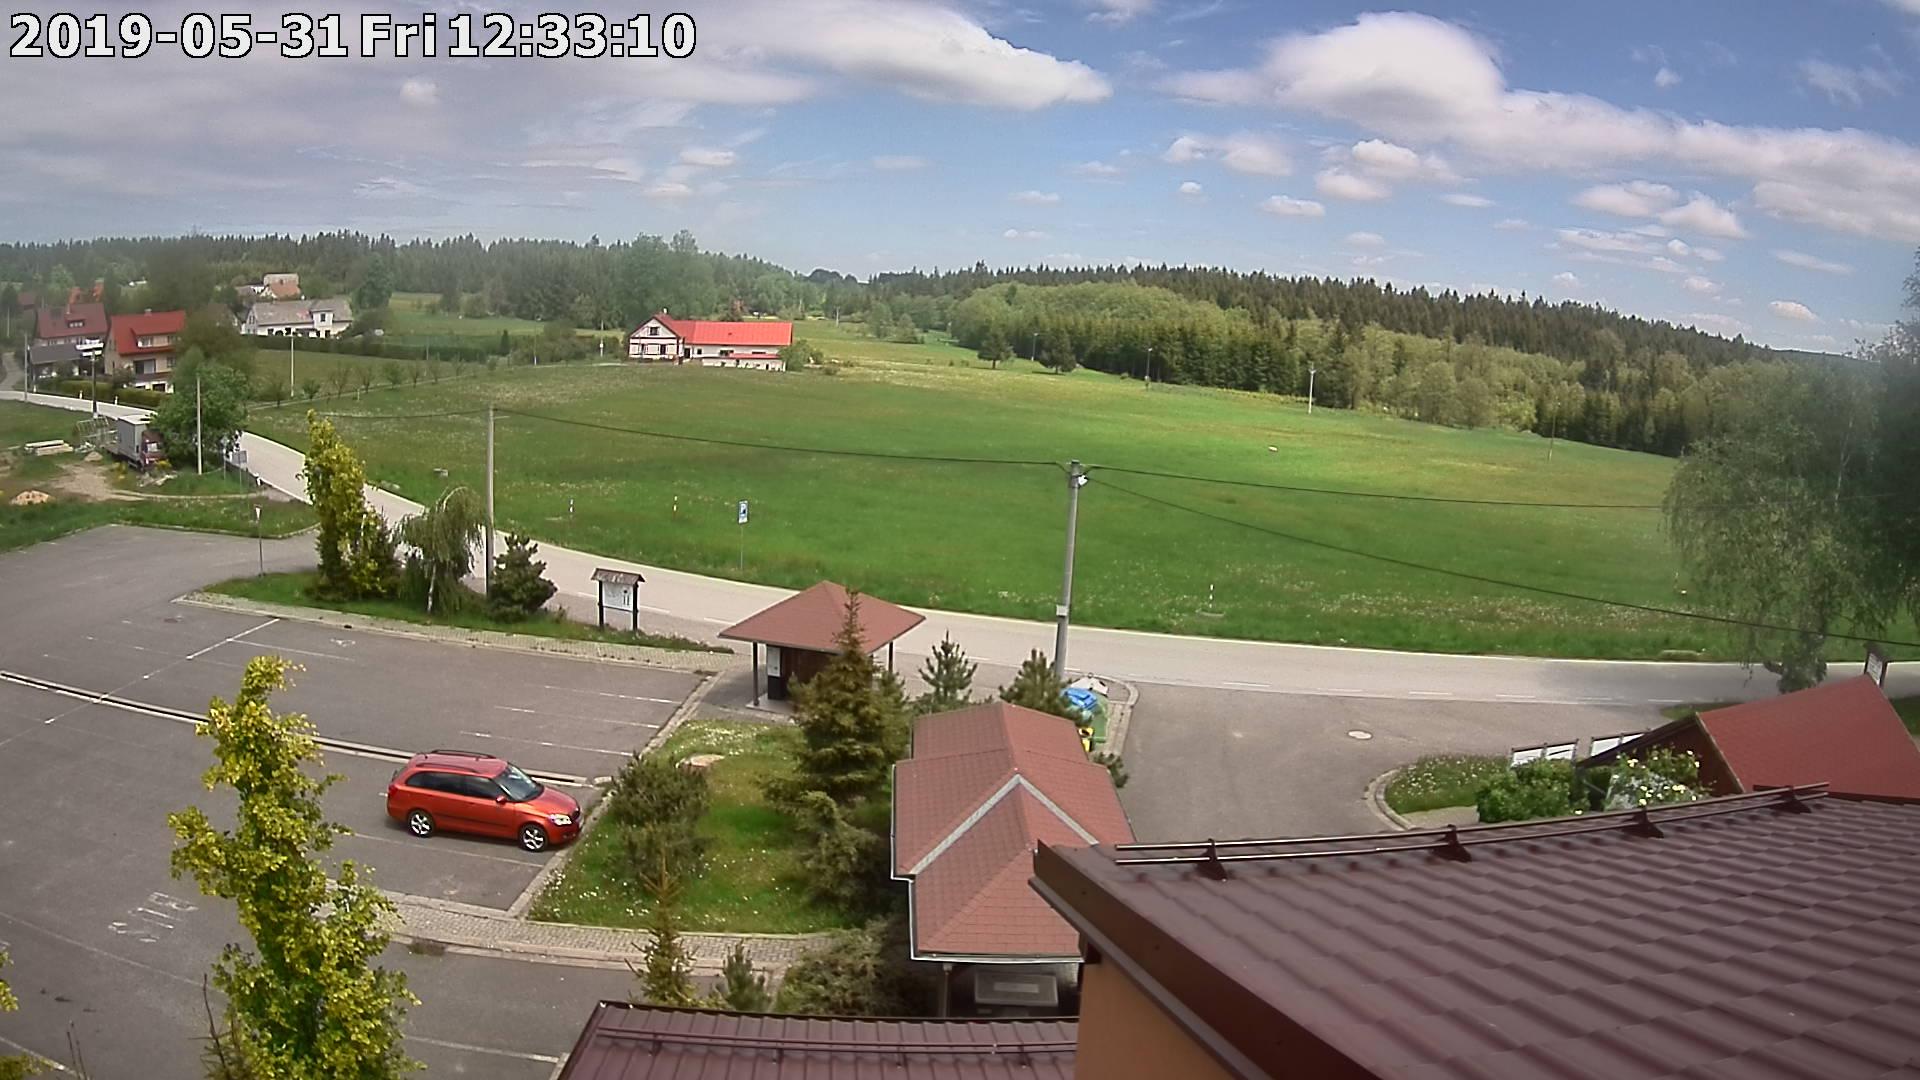 Webkamera ze dne 2019-05-31